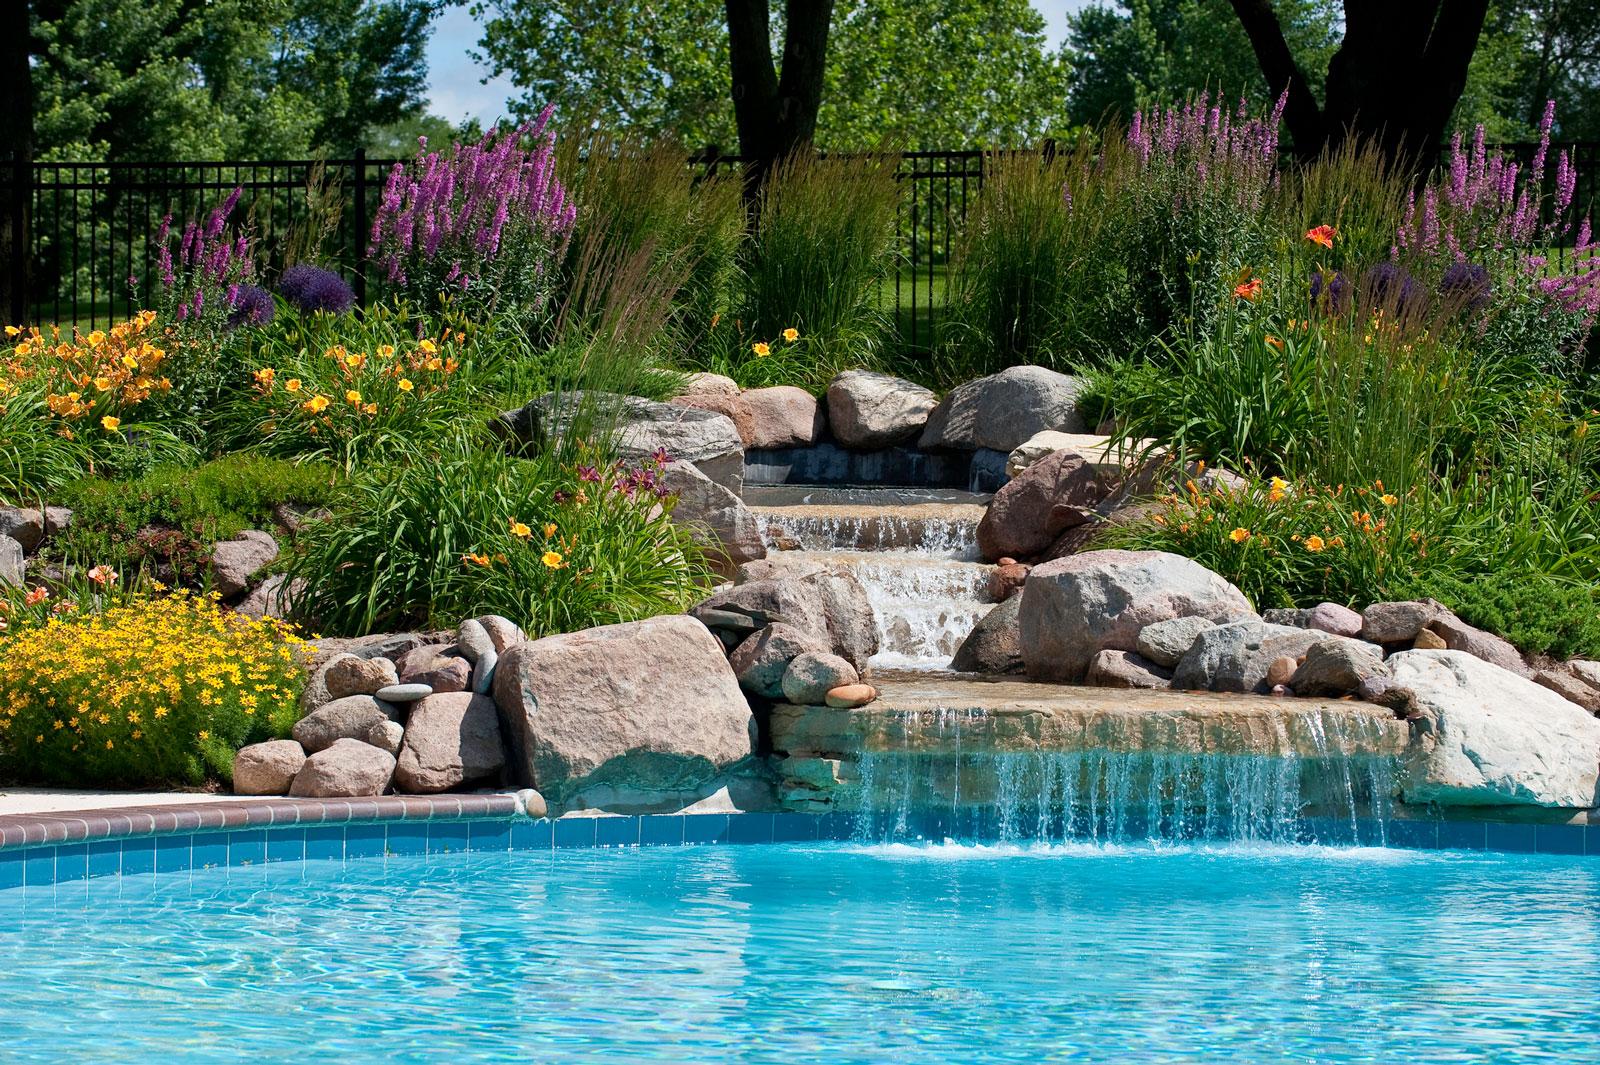 Individuell: Swimmingpools aus Beton lassen sich nach den eigenen Vorlieben und Gegebenheiten gestalten.